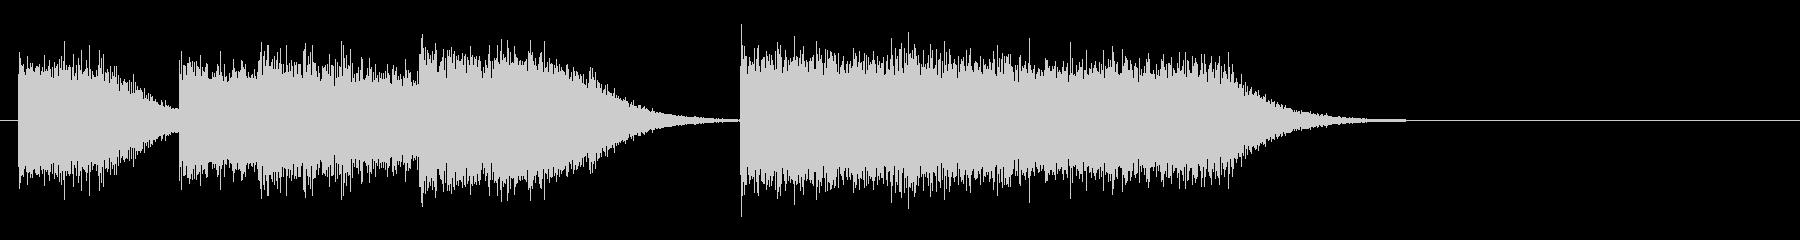 レトロゲームファンファーレ/短い軽い10の未再生の波形